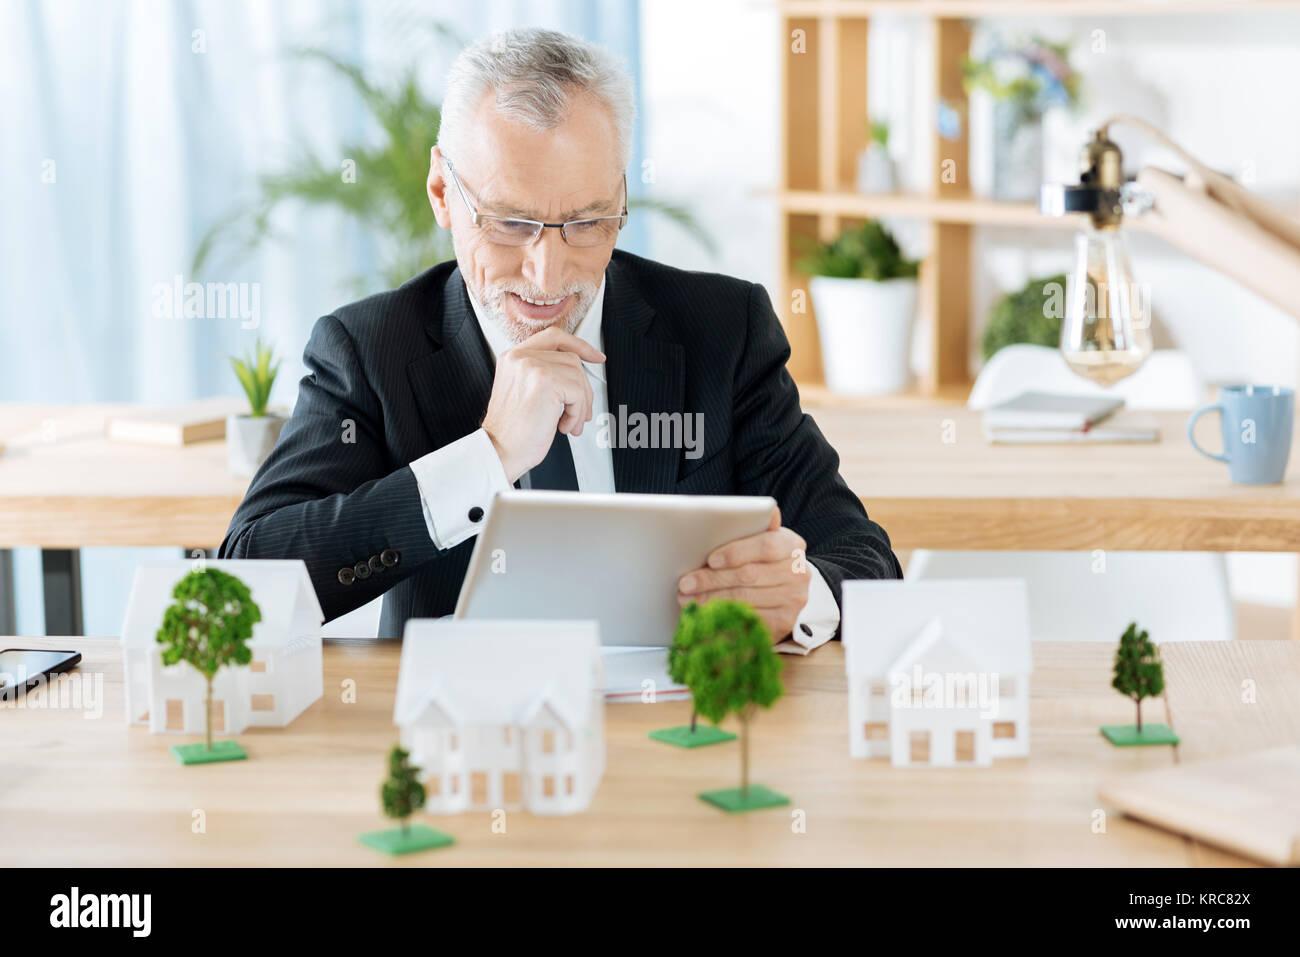 Freundliche Immobilienmakler lächelnd, während sie die Tablette suchen Stockbild